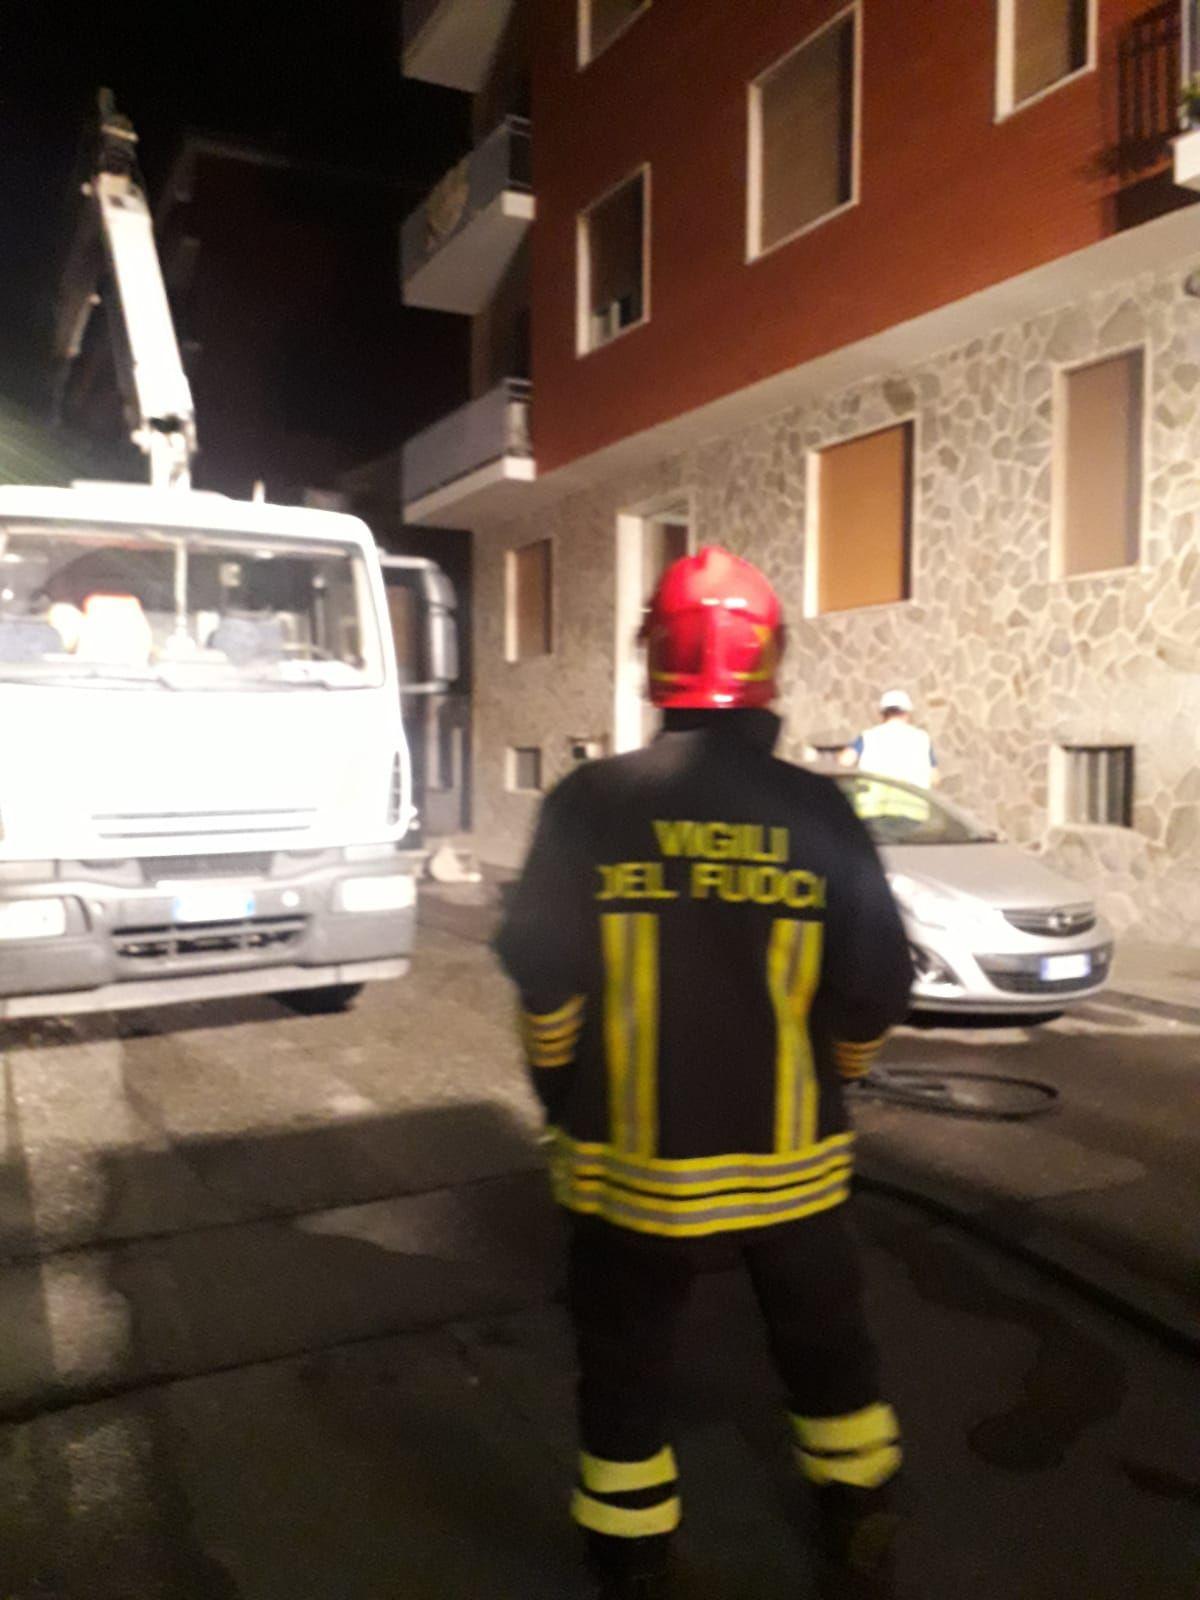 NICHELINO - Grave fuga di gas in via Alleati: vigili del fuoco la lavoro tutta la notte